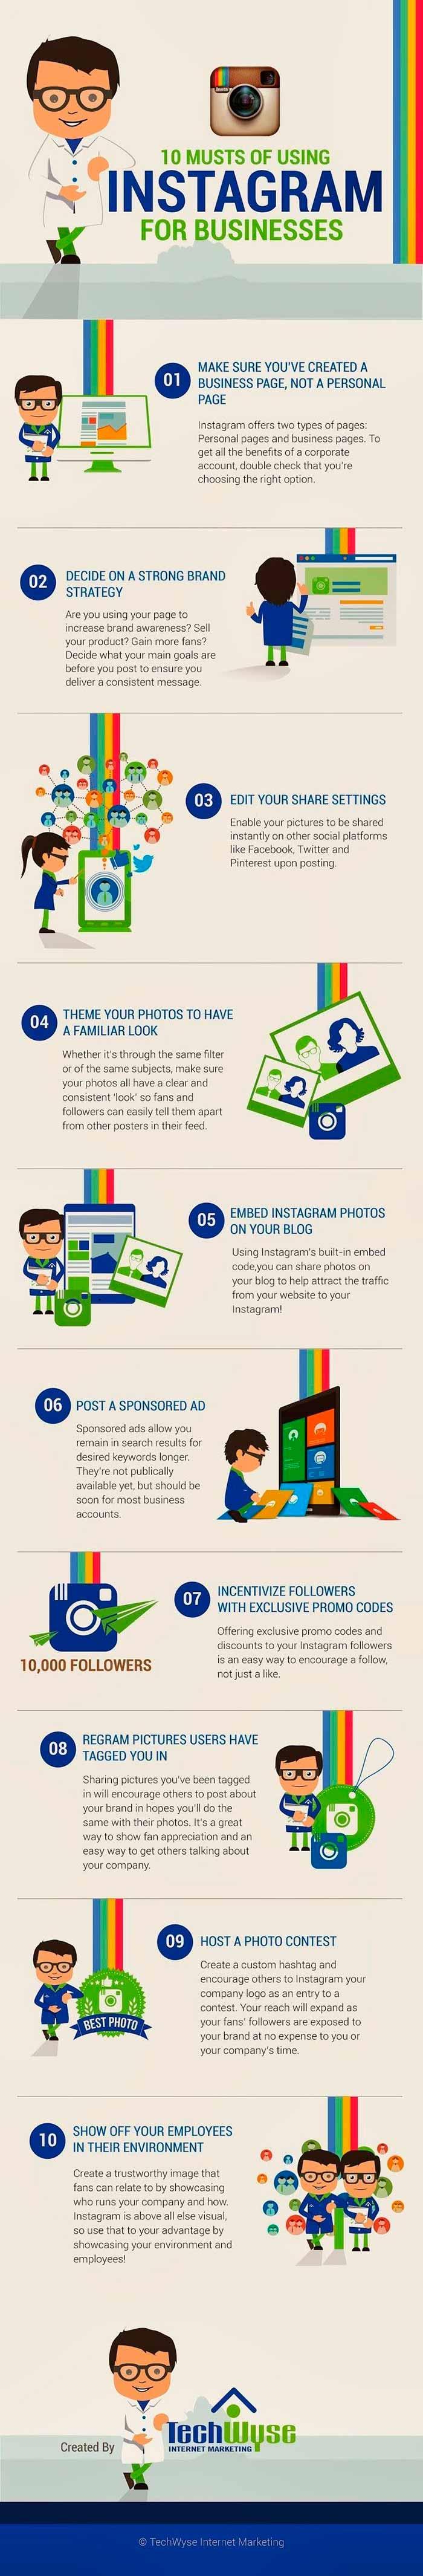 infografia sobre las 10 claves para usar instagram en la empresa